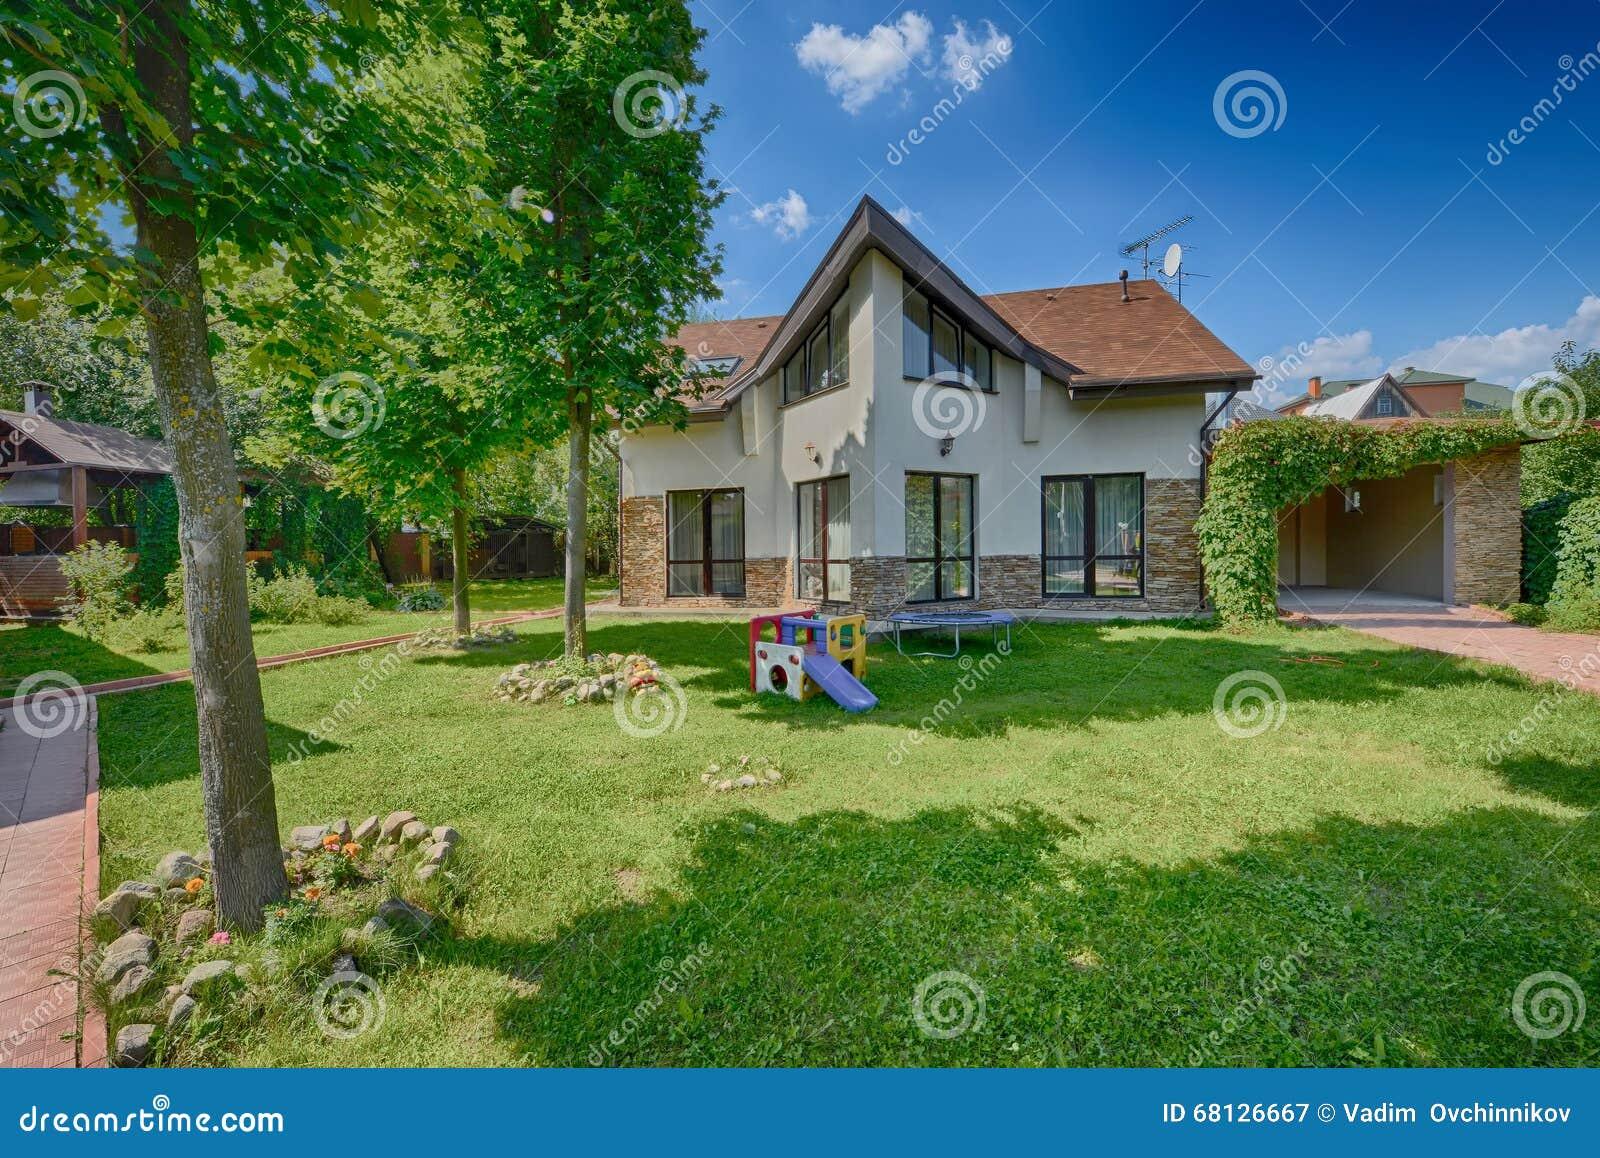 Όμορφο σπίτι, κλωστοϋφαντουργικά προϊόντα, διαμέρισμα, σπίτι πολυτέλειας, σχέδιο, εσωτερική κρεβατοκάμαρα σχεδίου